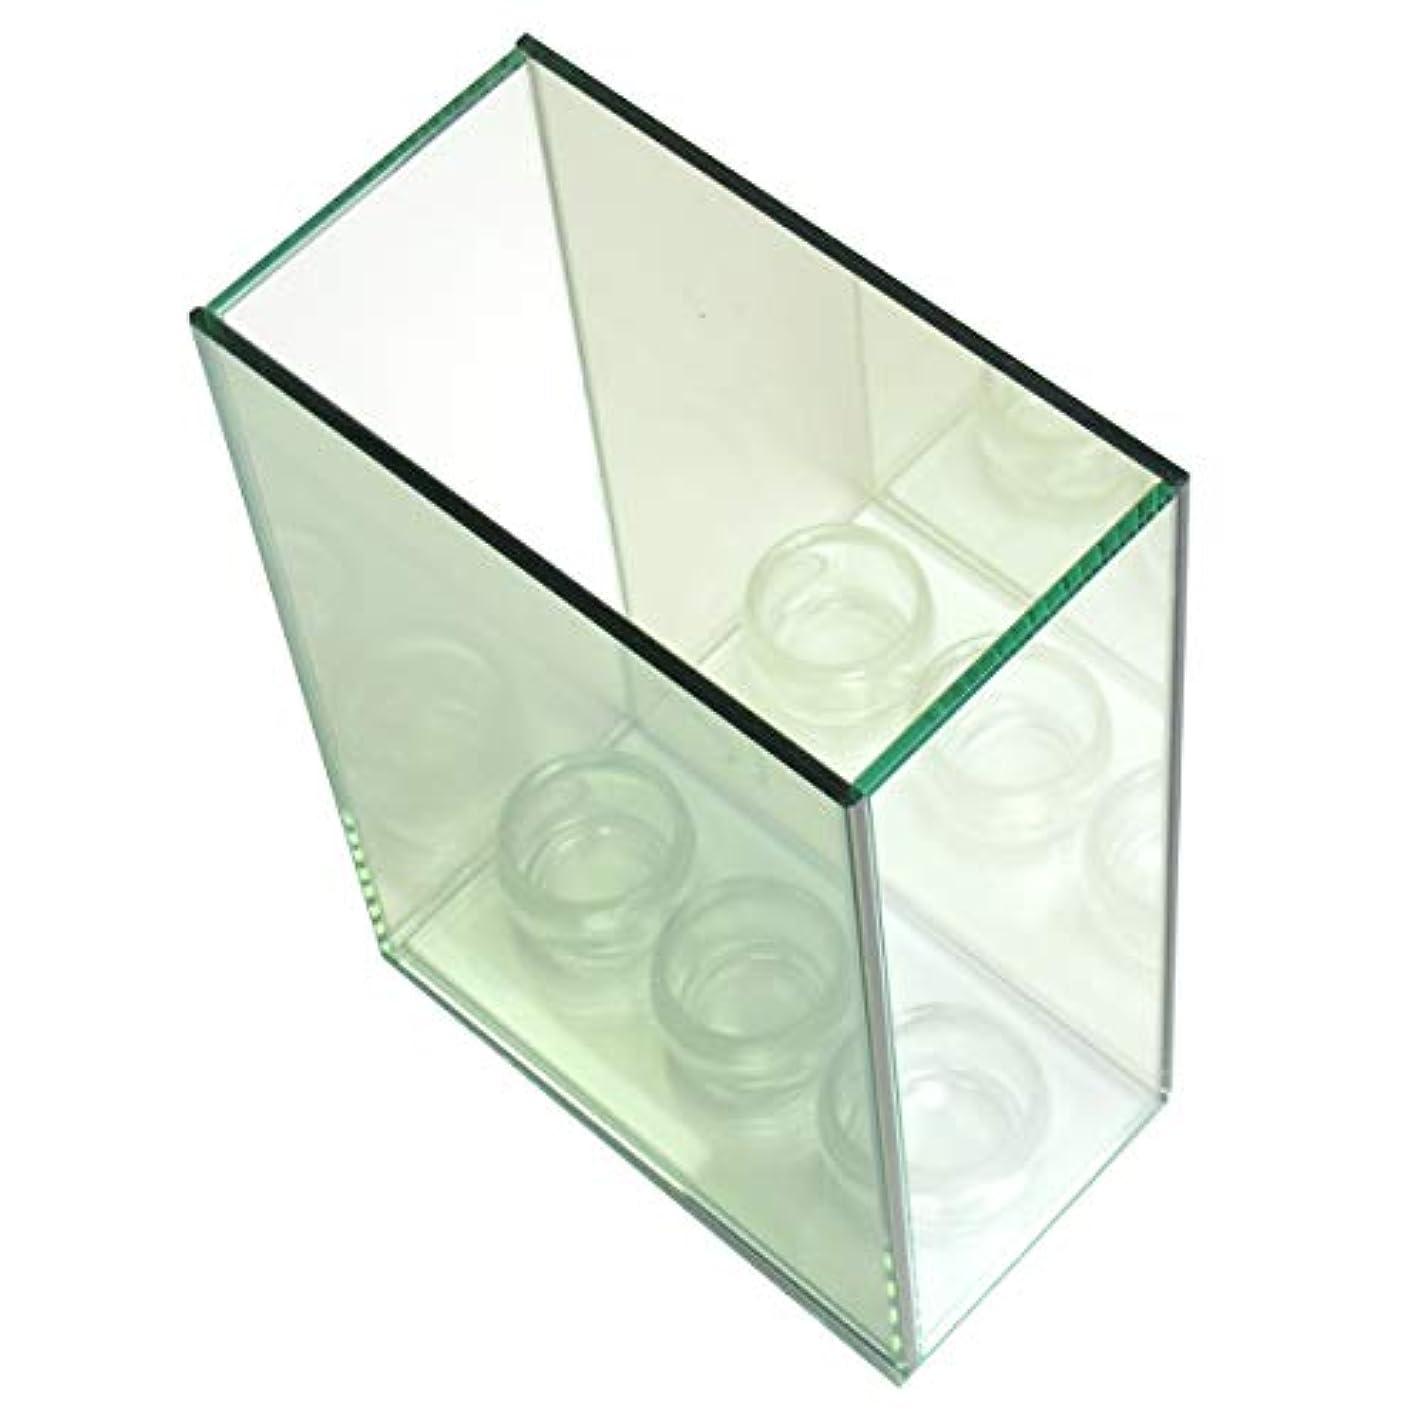 昆虫不変大胆な無限連鎖キャンドルホルダー 3連 ガラス キャンドルスタンド ランタン 誕生日 ティーライトキャンドル